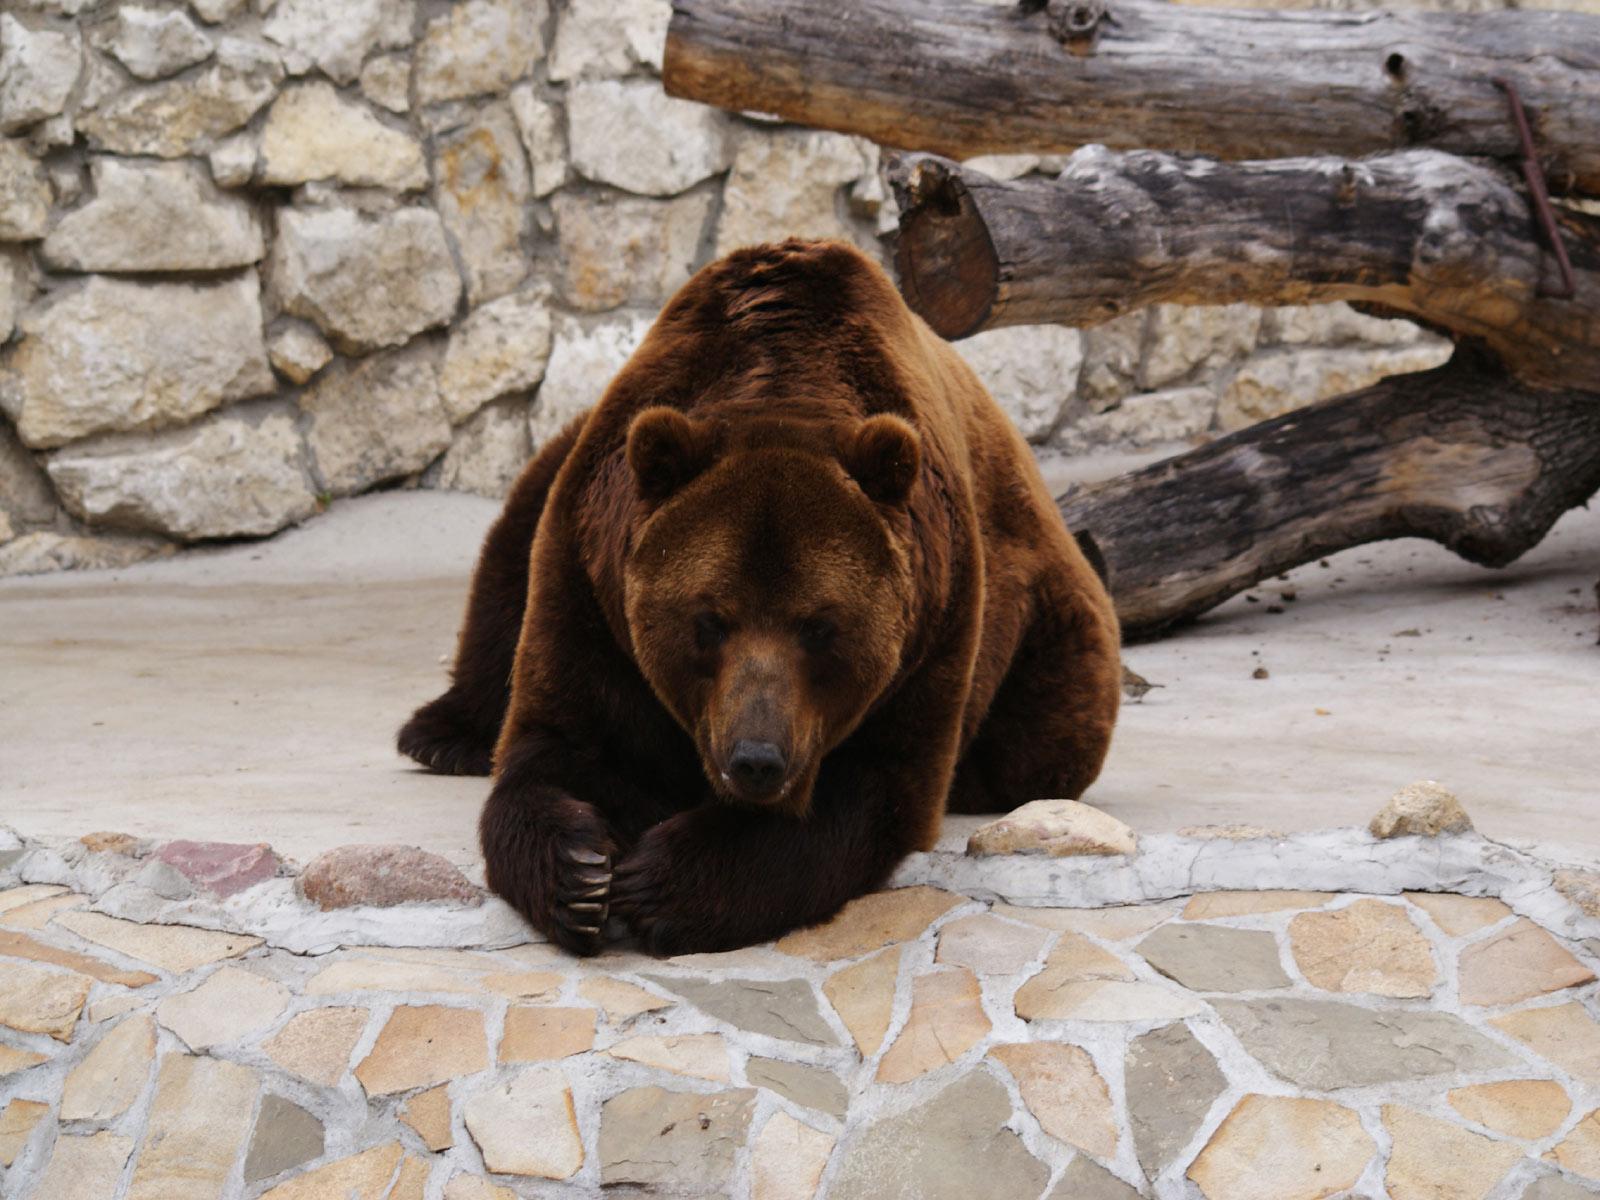 http://1.bp.blogspot.com/-uvfMXFQ7Zqc/Thlin_Bq49I/AAAAAAAALtc/v-hyaIxvaXs/s1600/The-best-top-desktop-bears-wallpapers-hd-bear-wallpaper-22-beautiful-brown-bear.jpg